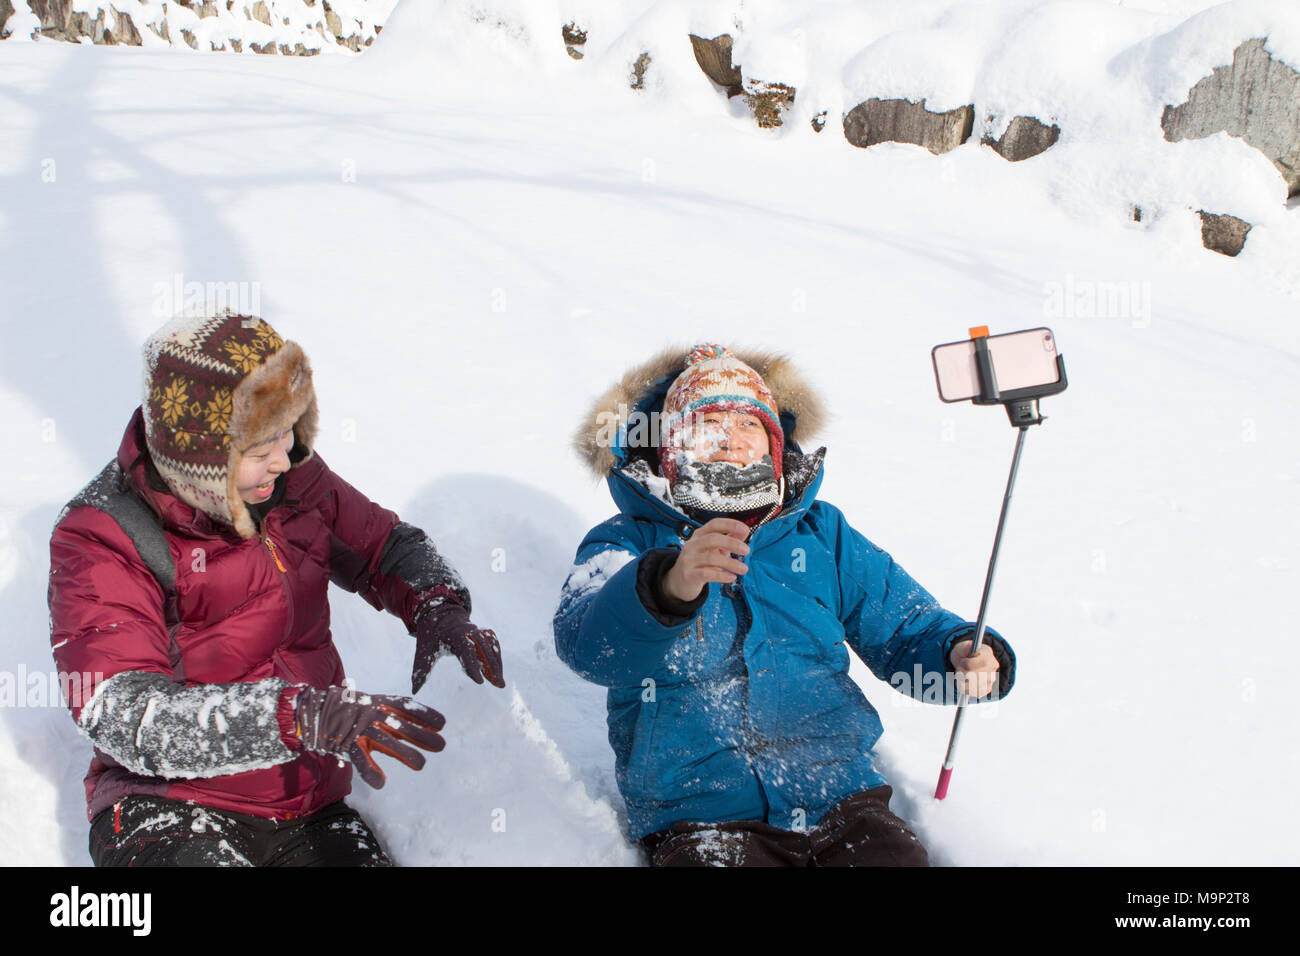 Una joven pareja está jugando en la nieve en el Parque Nacional de Seoraksan, Gangwon-do, Corea del Sur. La chica simplemente tiró una bola de nieve en el rostro de su joven amigo, que está rodando con un teléfono inteligente en un selfie stick. Seoraksan es una bella e icónica del Parque Nacional en las montañas cerca de Sokcho en la región de Gangwon-do de Corea del Sur. El nombre se refiere a Milú riscos de las montañas. Frente al paisaje son dos templos budistas: Sinheung-sa y Beakdam-sa. Esta región es anfitrión de los Juegos Olímpicos de Invierno en febrero de 2018. Seoraksan es una bella e icónica del Parque Nacional en las montañas cerca de Sokcho en el Imagen De Stock